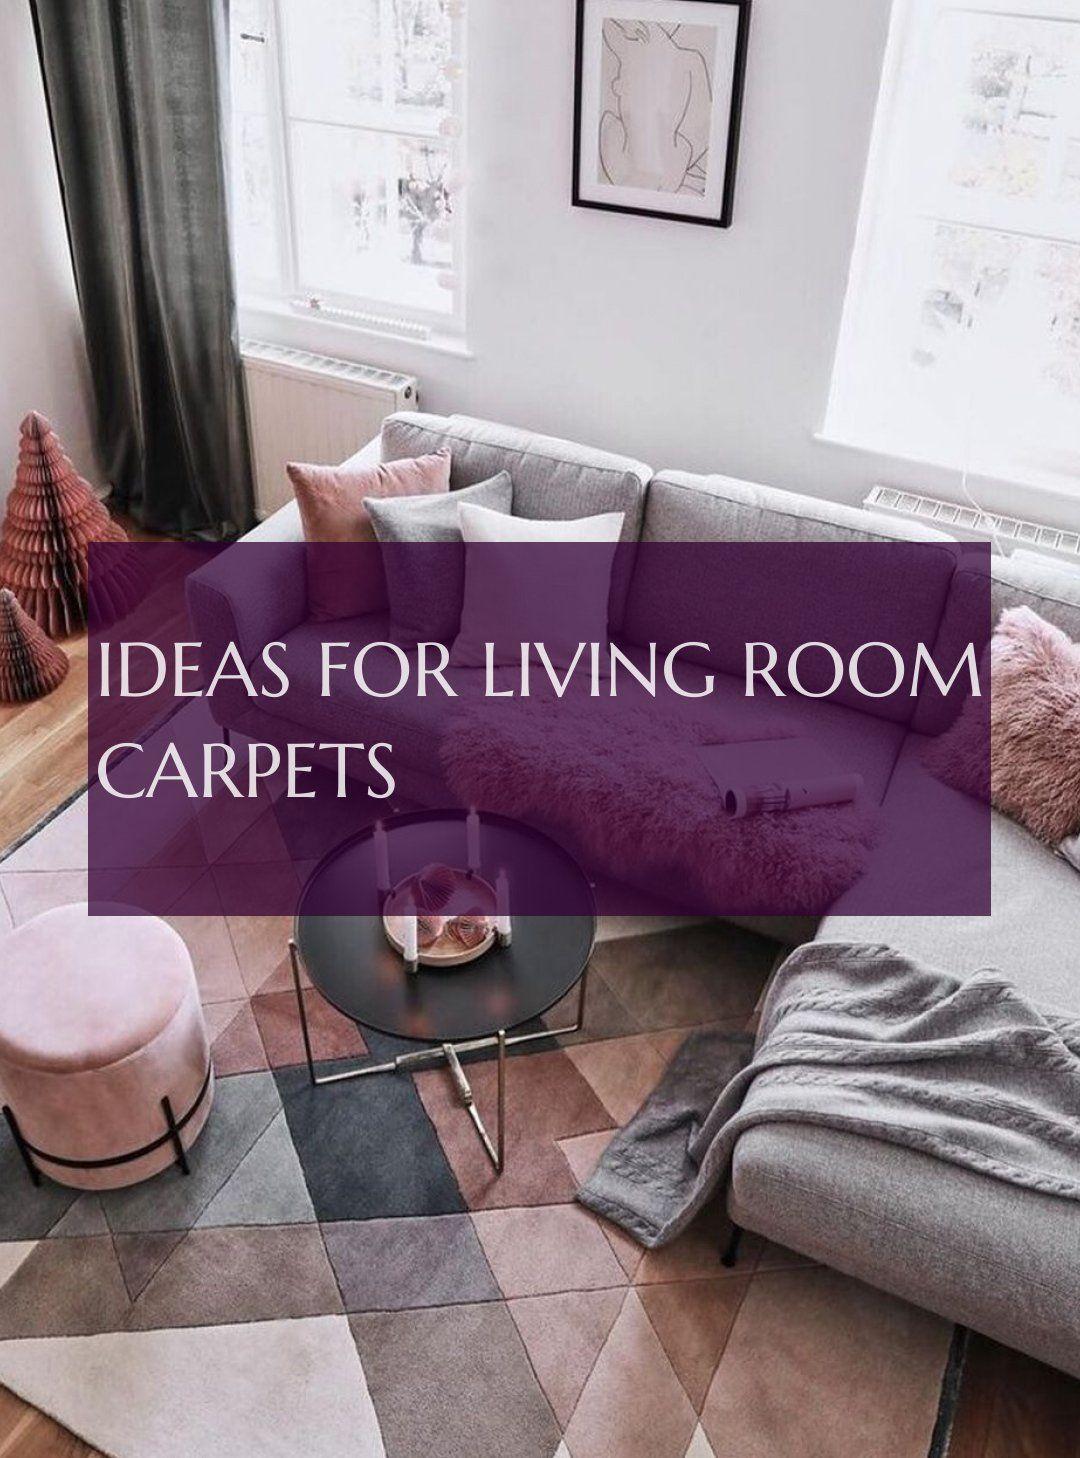 Ideas For Living Room Carpets Ideen Für Wohnzimmerteppiche Idées